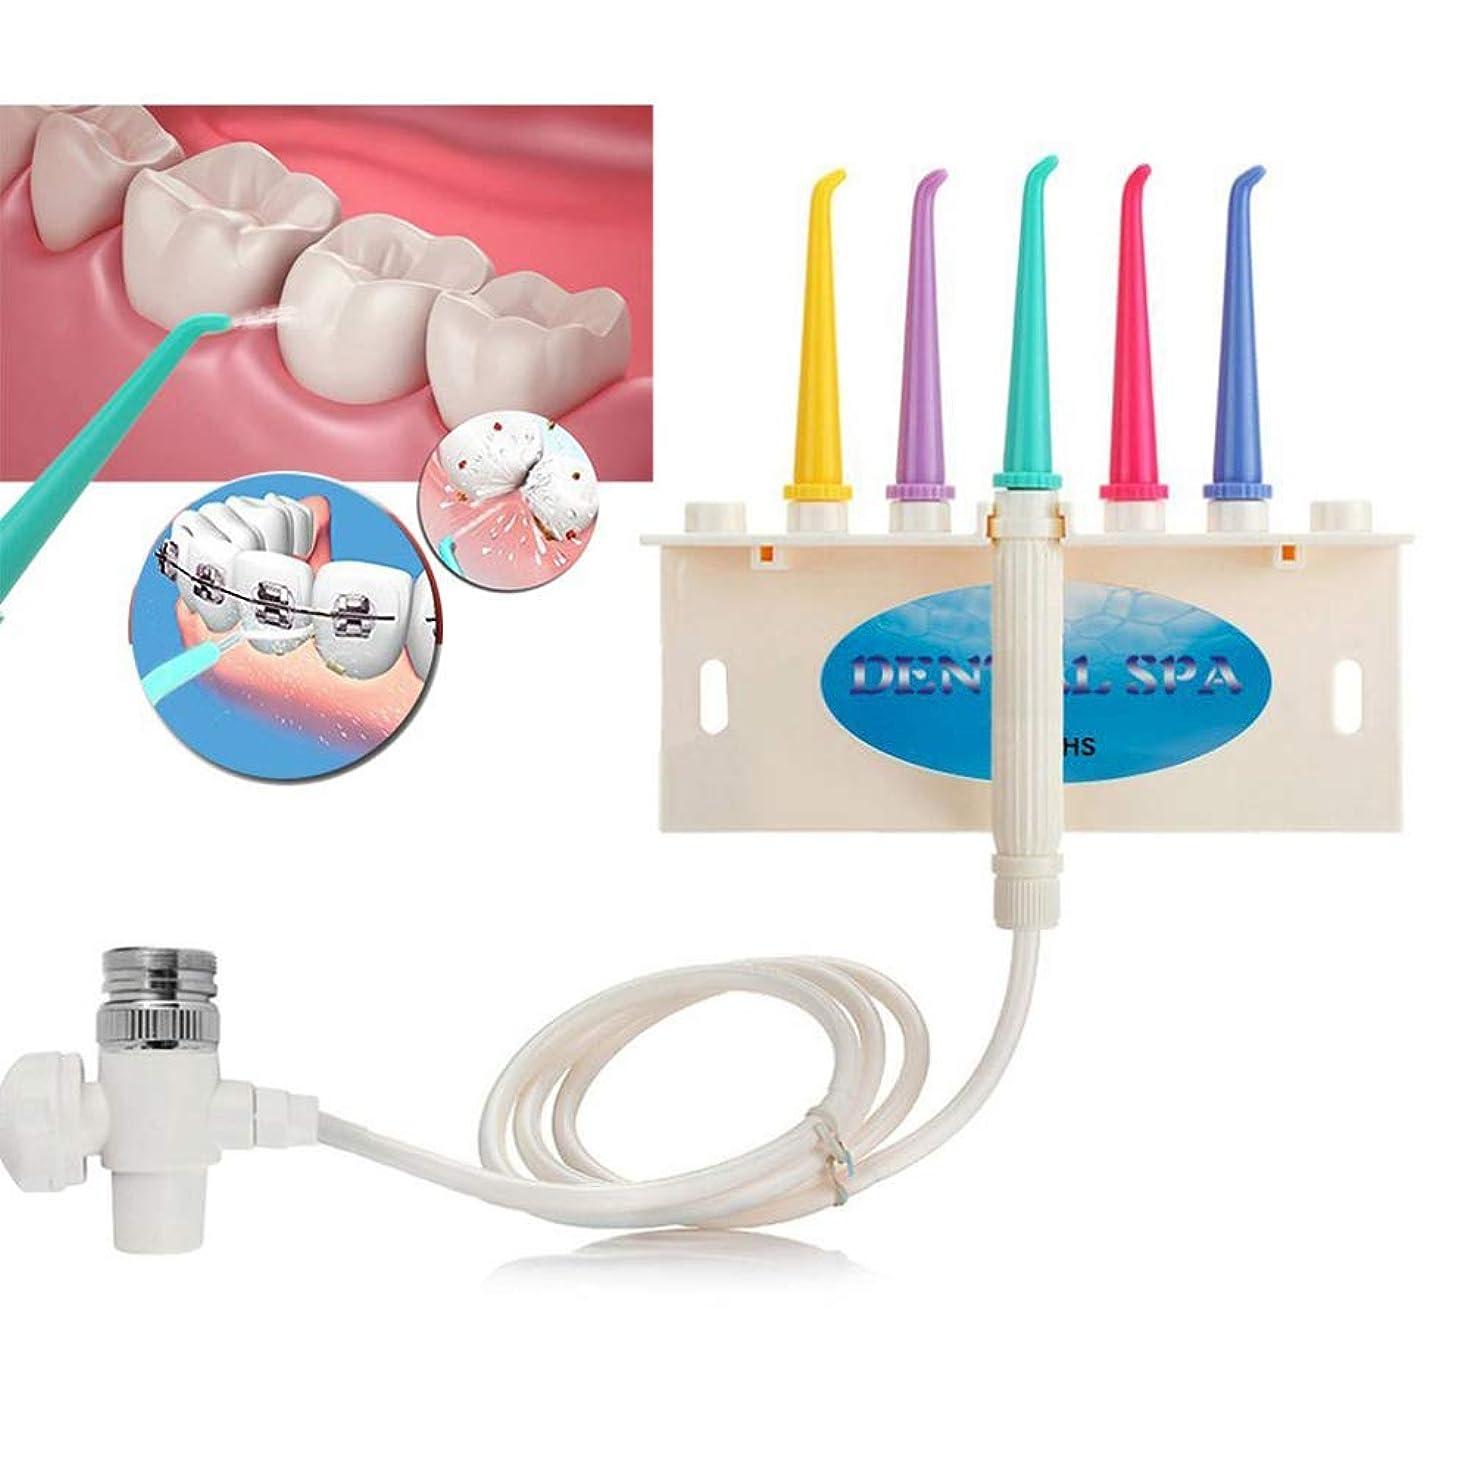 スリップシューズ肥料距離口腔洗浄器、家庭用口腔洗浄器スパ歯科ウォータージェットフロッサー歯科洗浄装置歯科用歯磨き粉